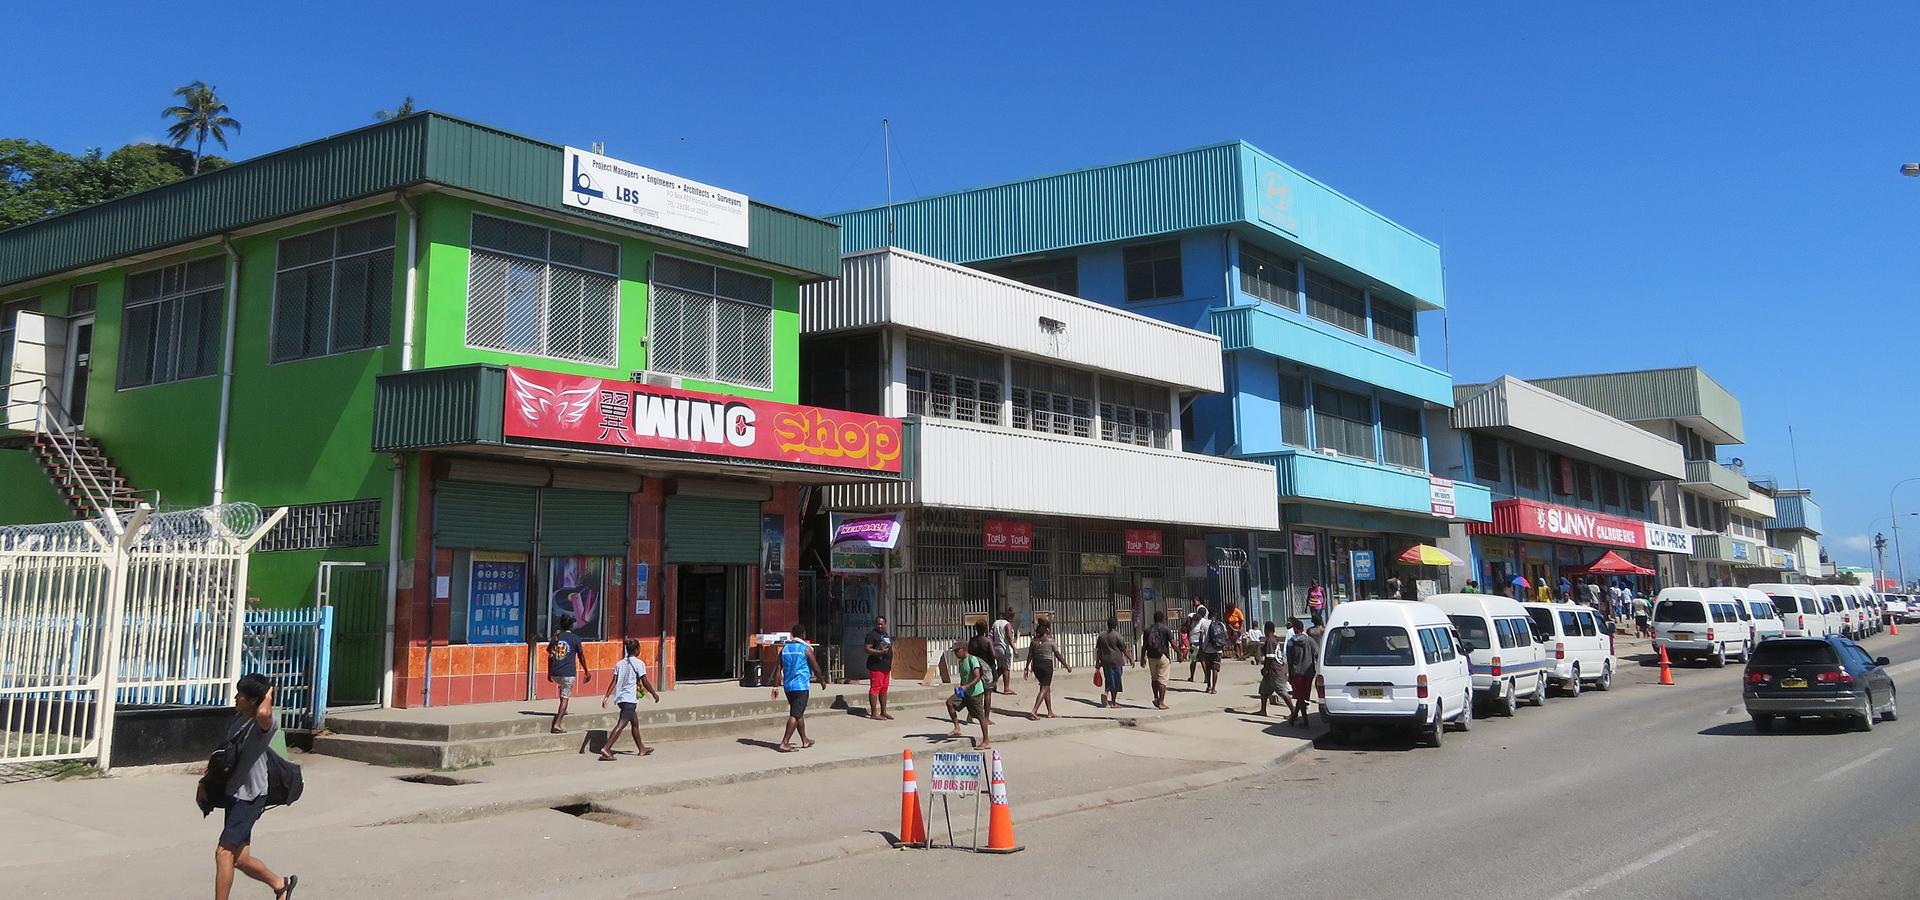 Peer-to-peer advisory in Honiara, Solomon Islands